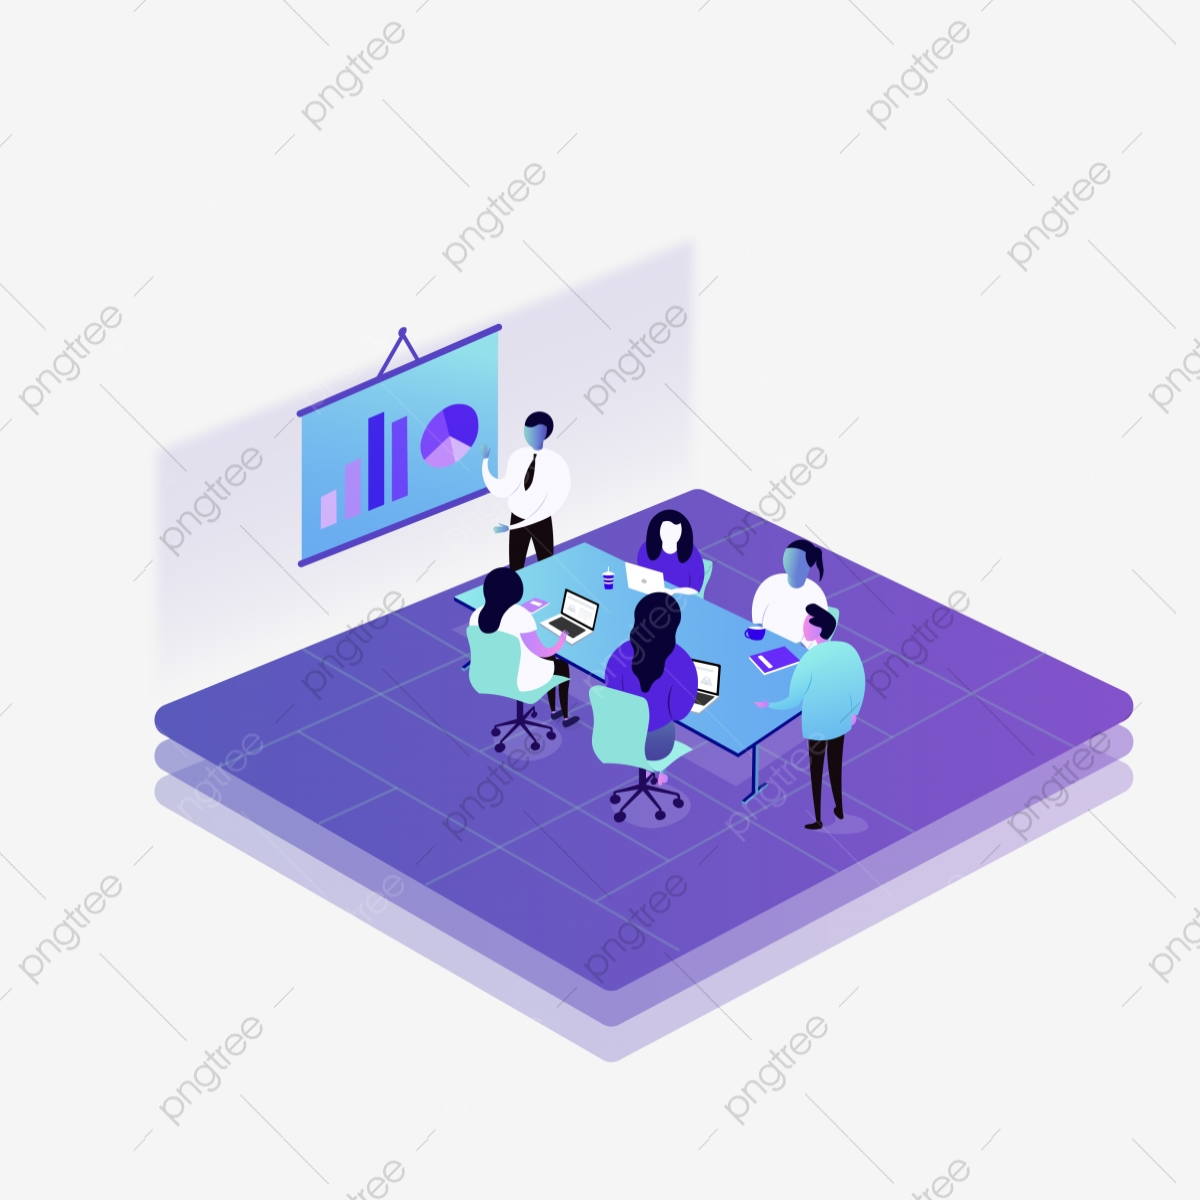 l introduction de services de vecteur de silhouette service introduction projet commercial png